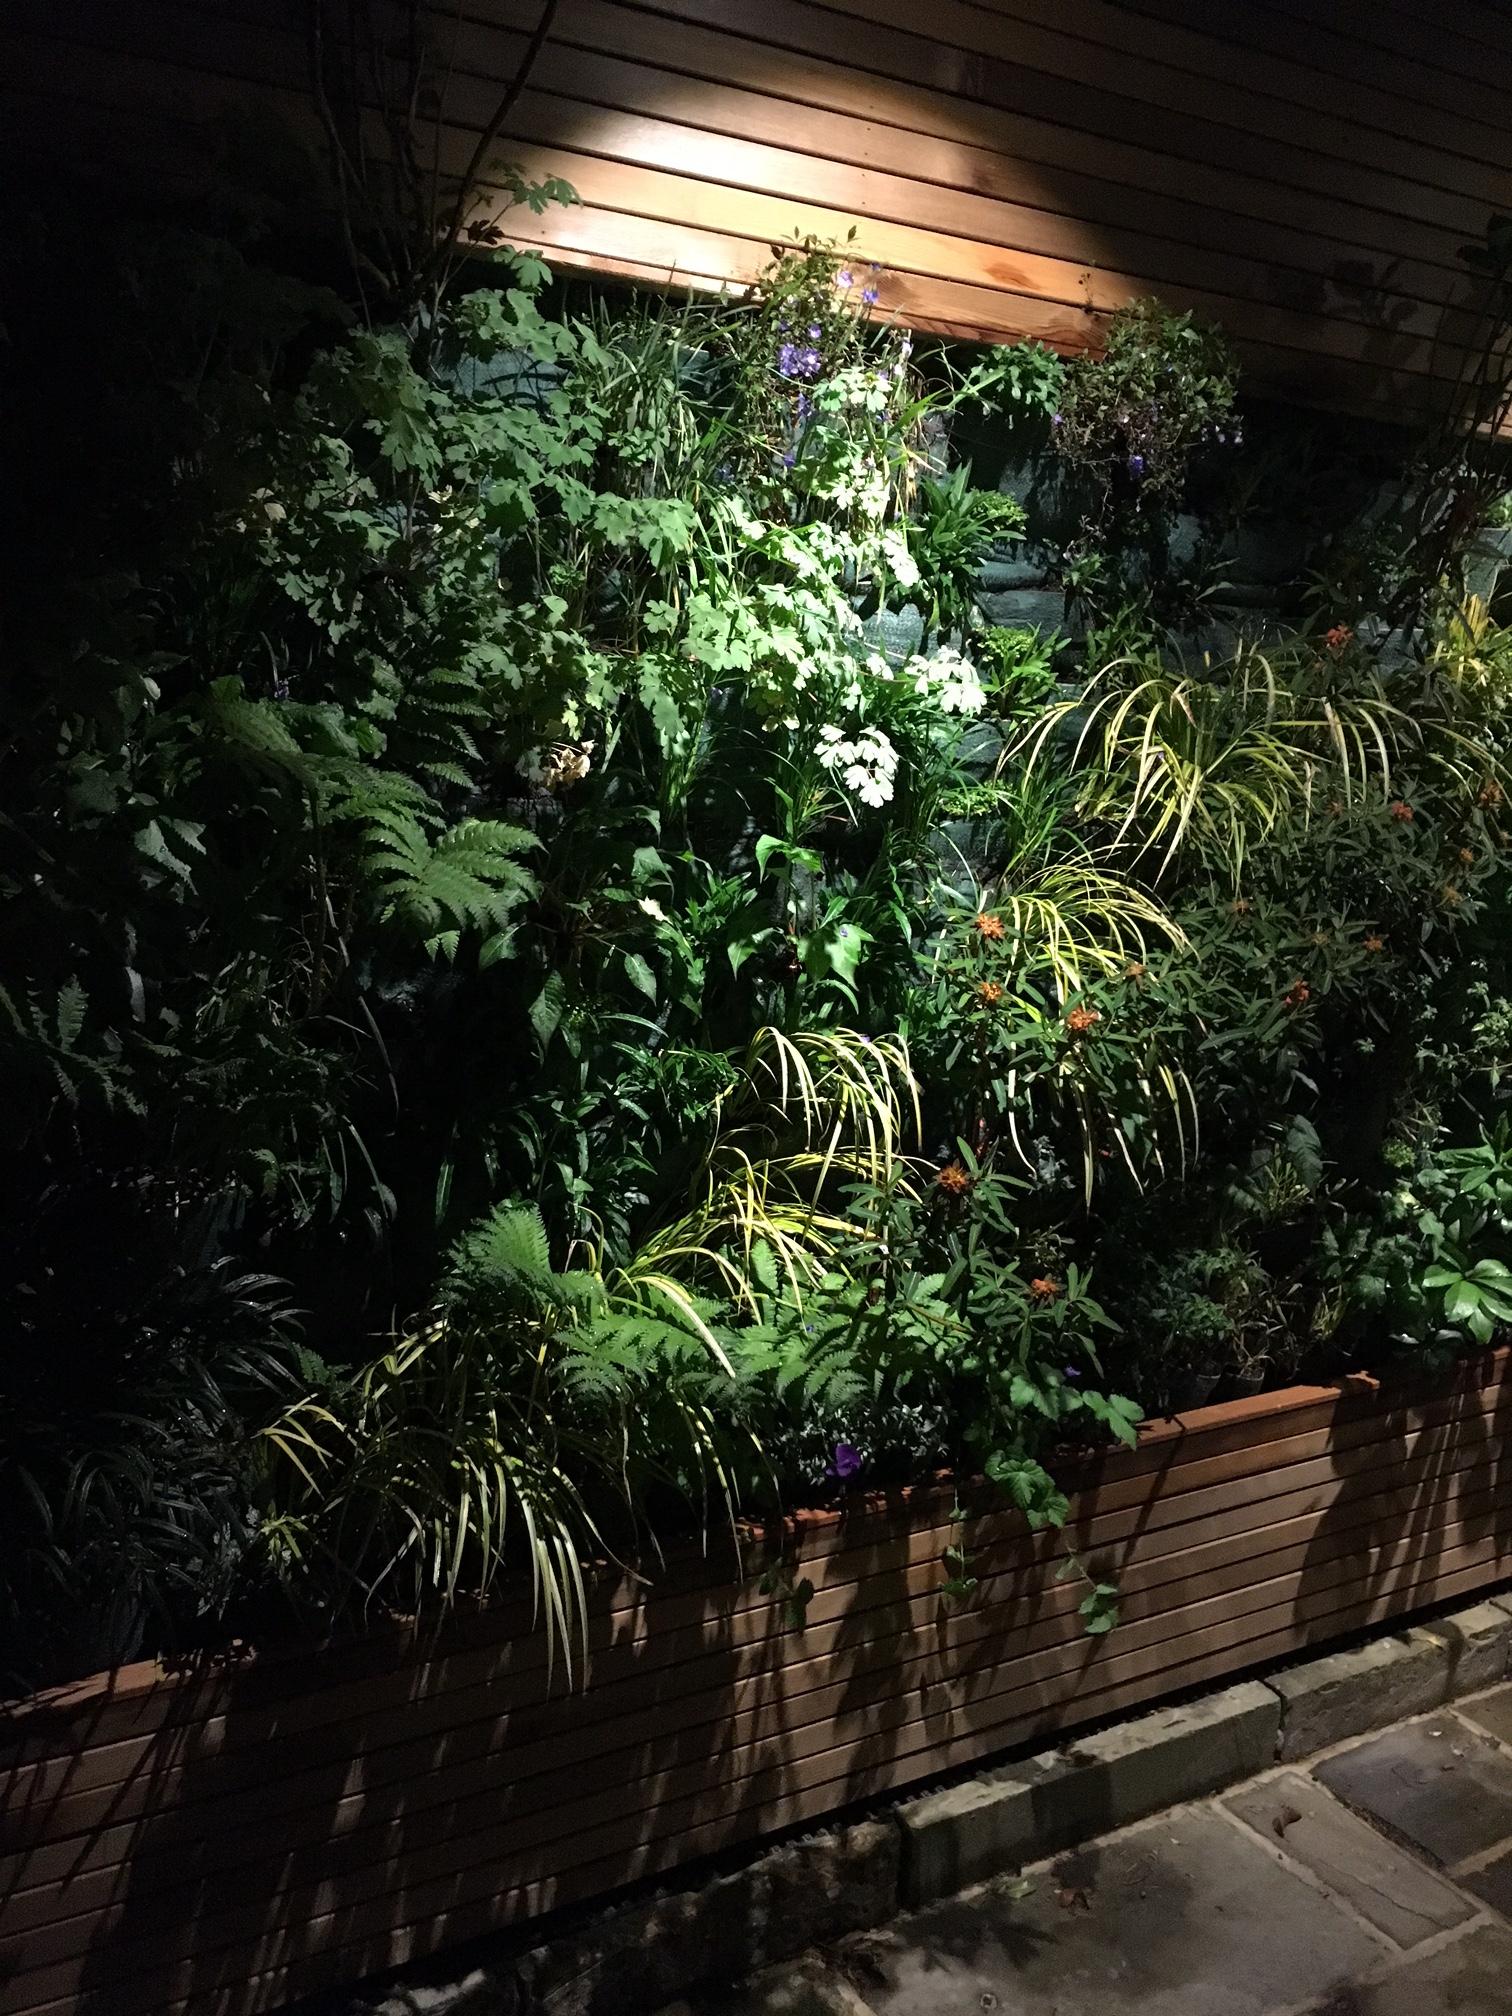 Living wall at night 2